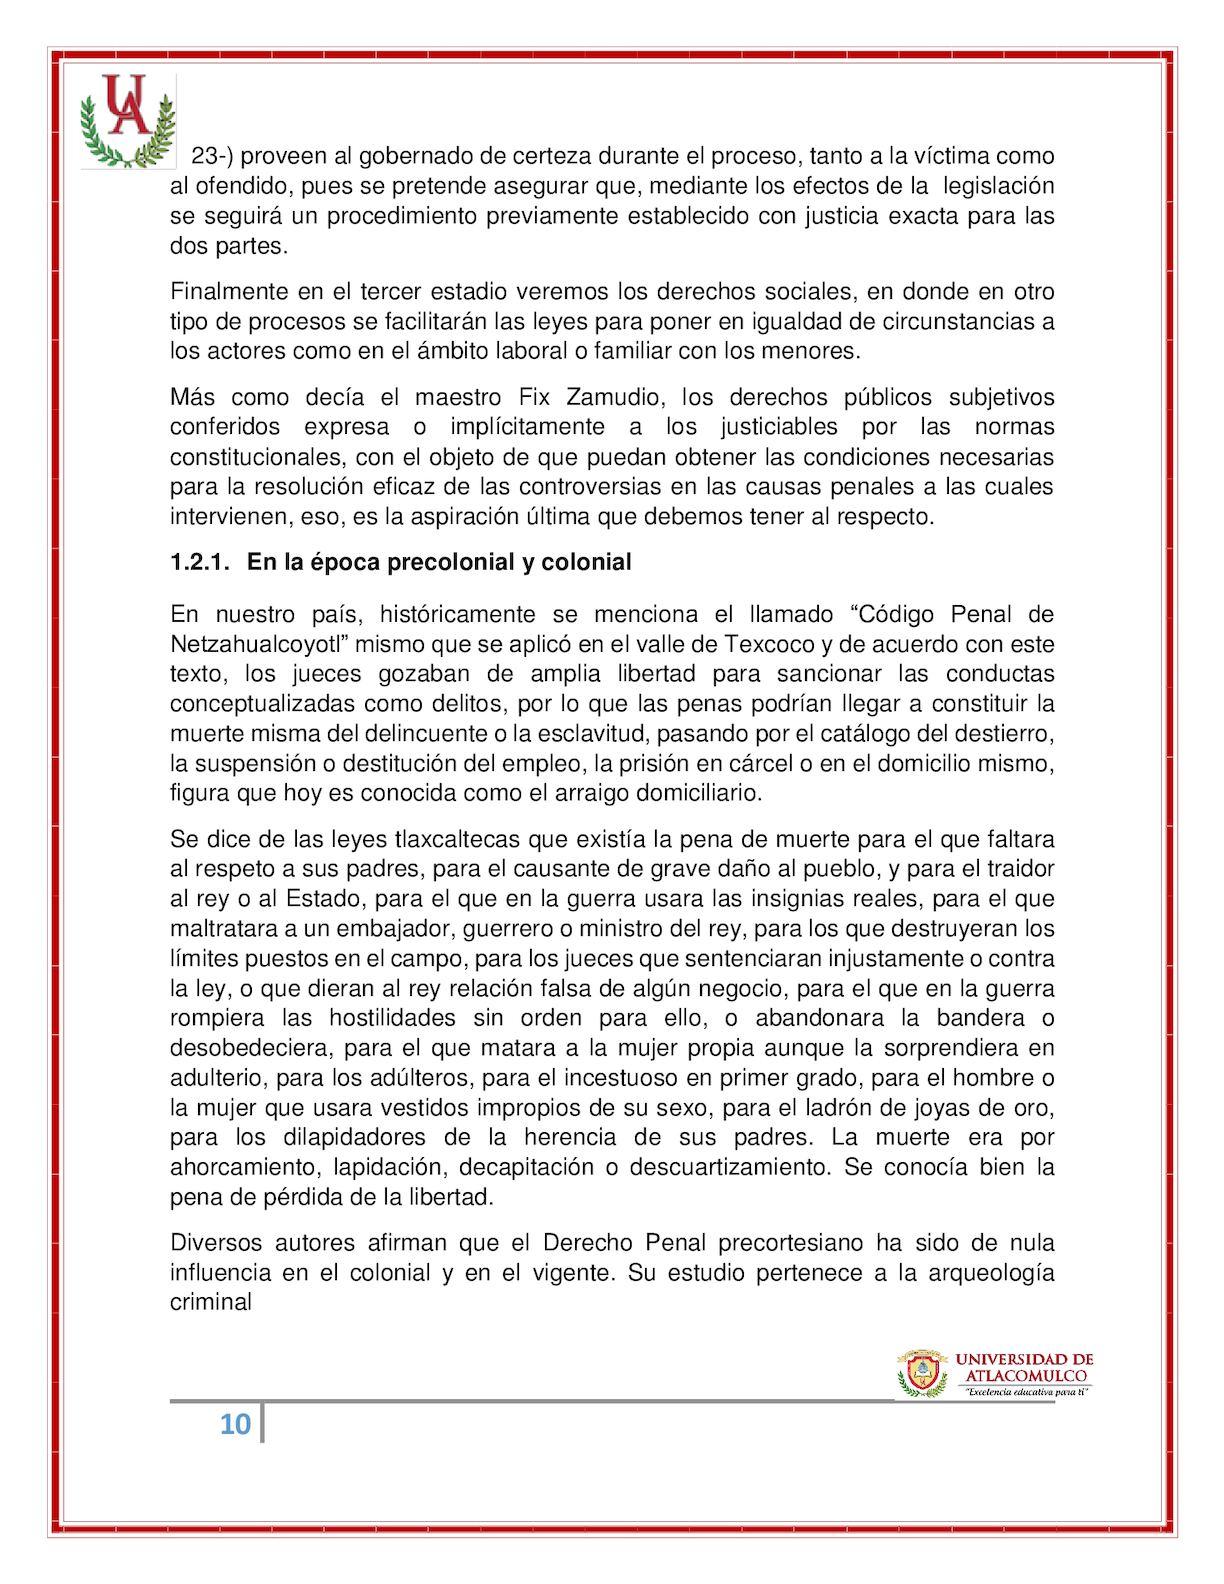 DERECHO PENAL PRECORTESIANO EPUB DOWNLOAD